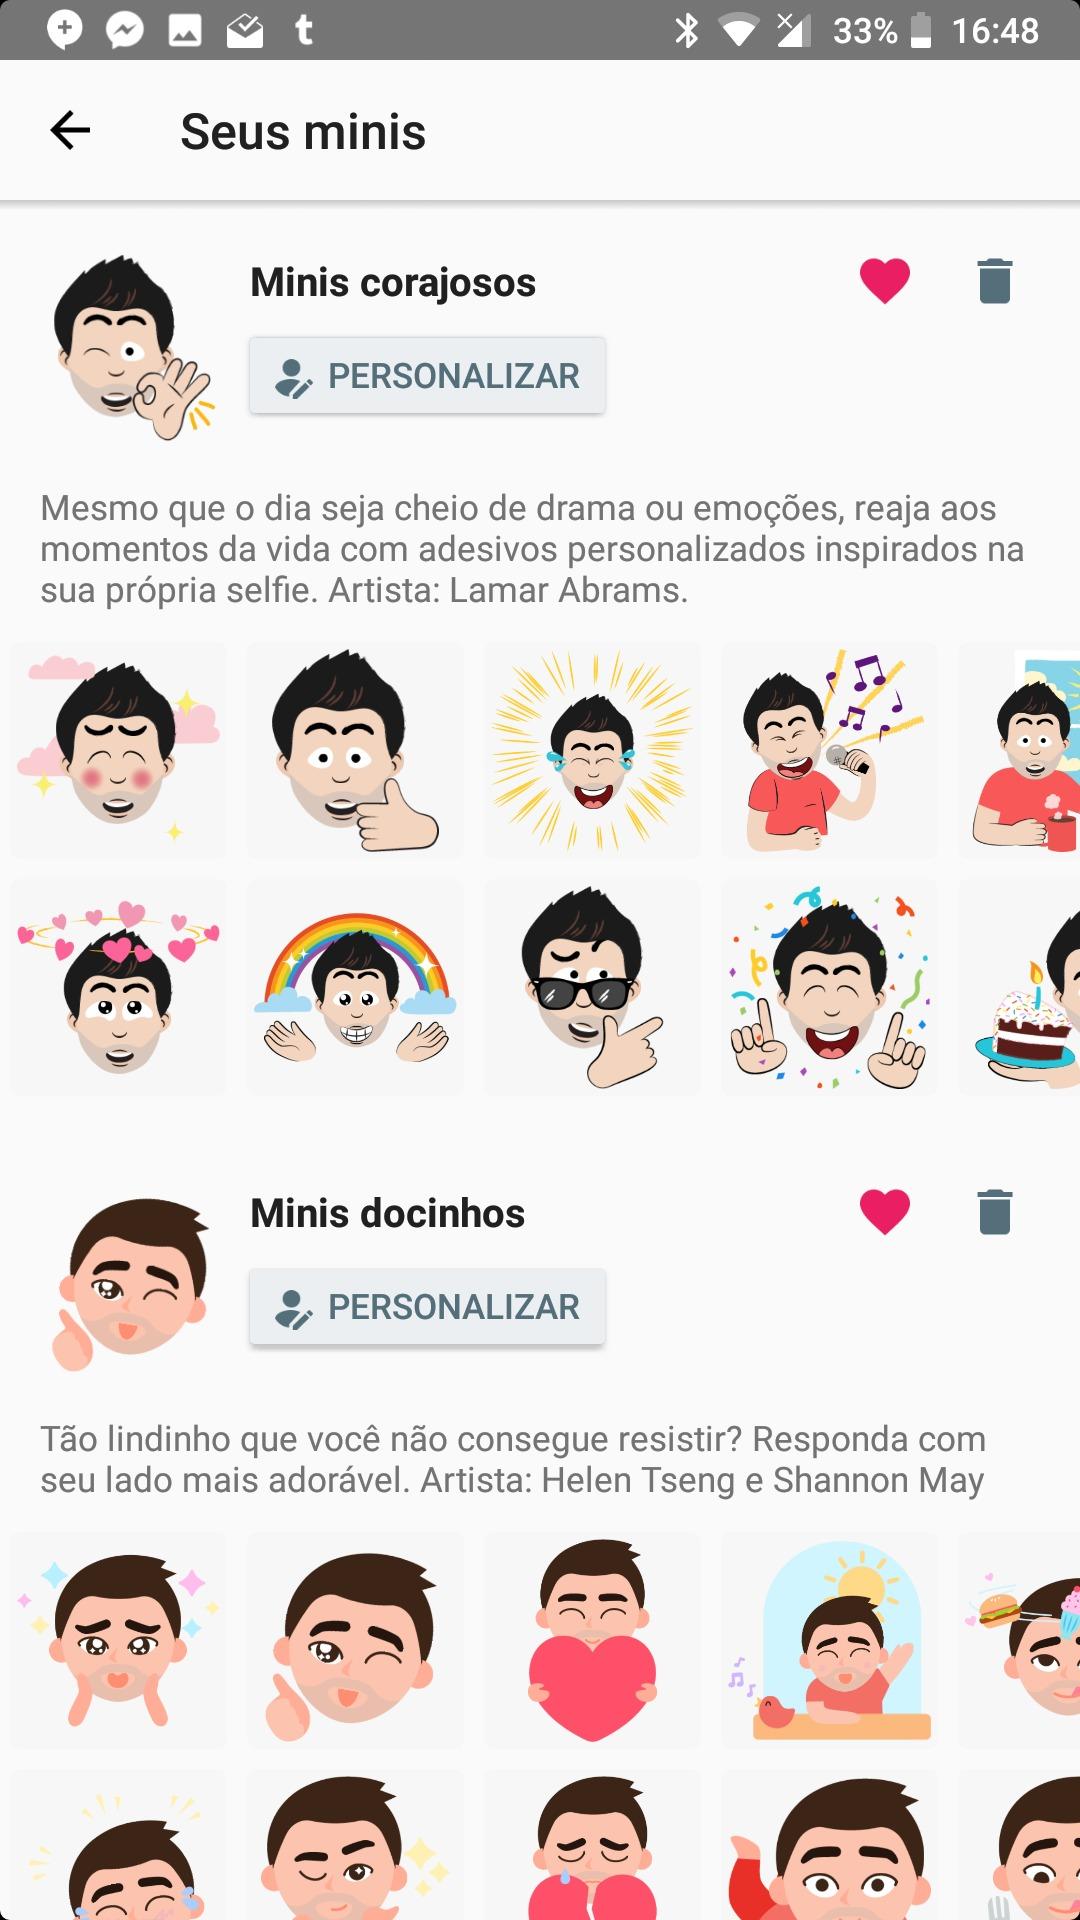 Google Adiciona Emojis Baseados no Seu Rosto ao Teclado do Android (4)